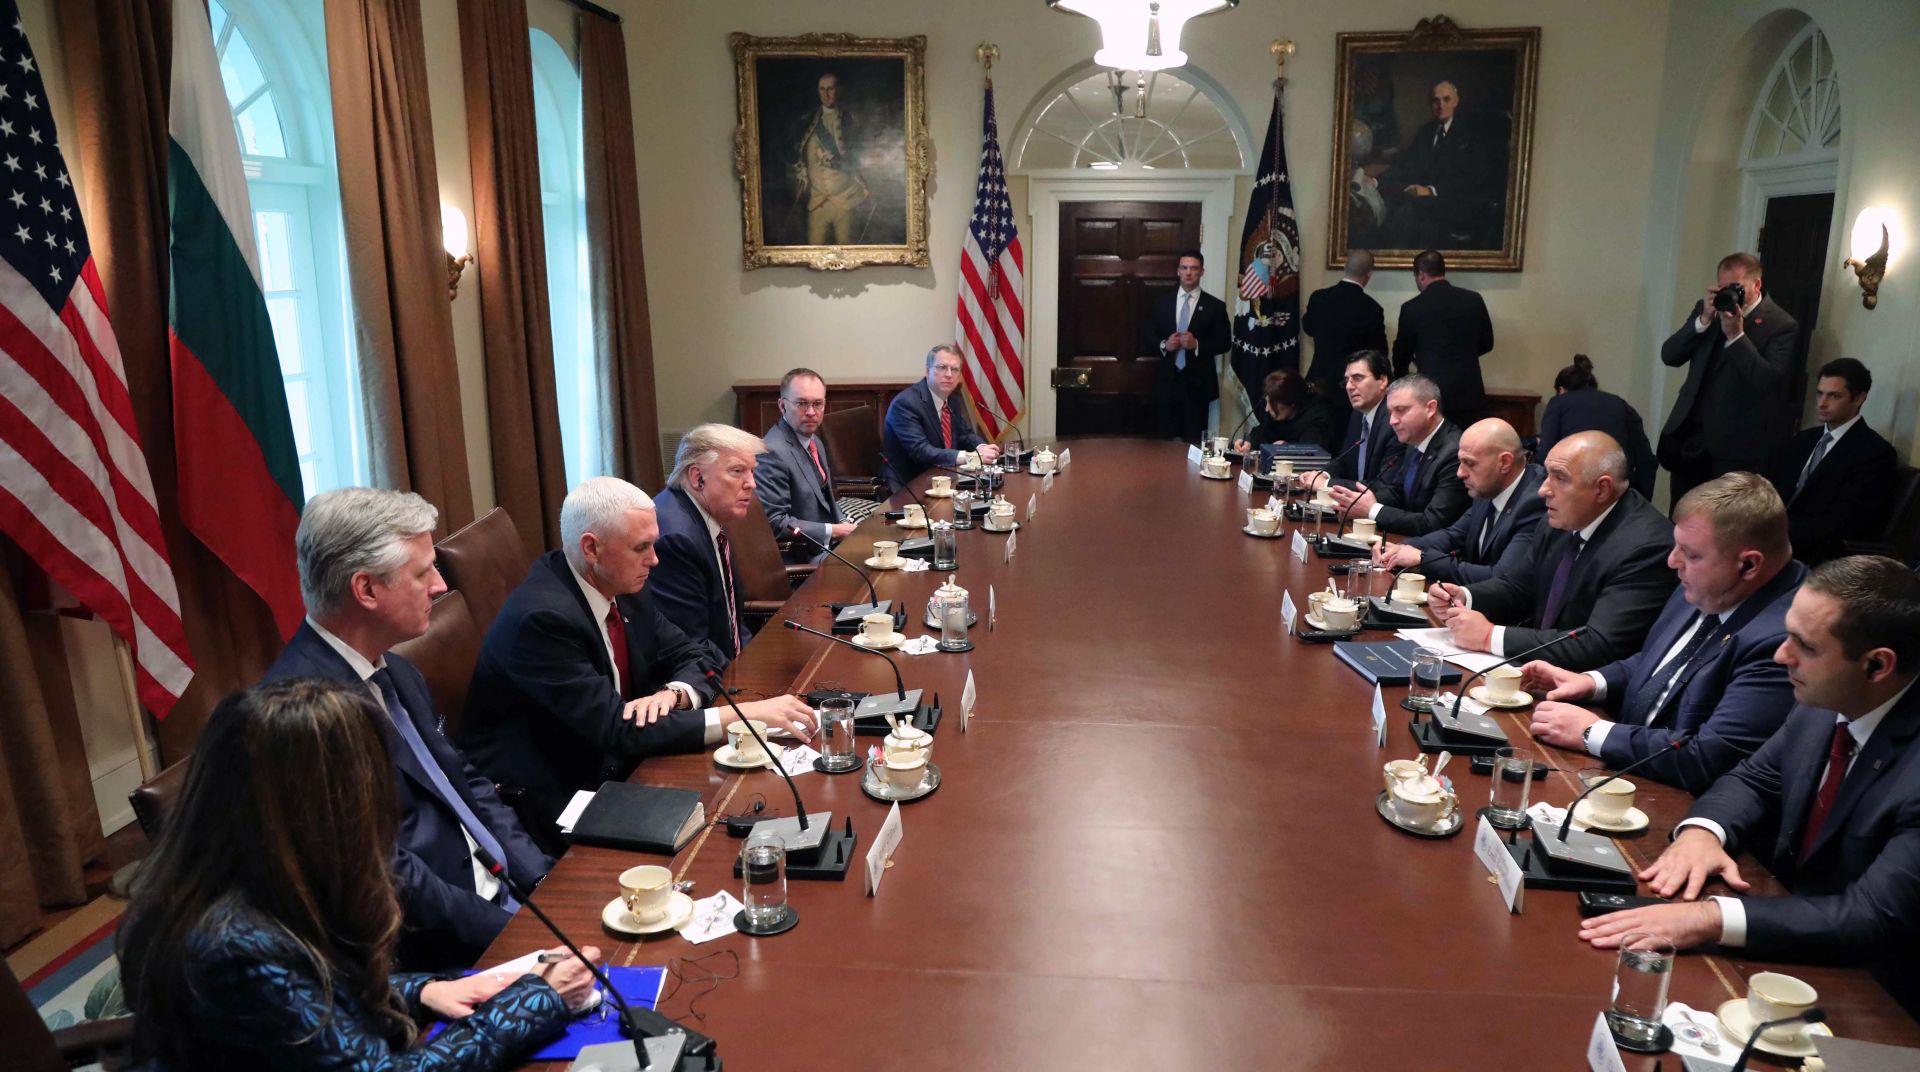 В българската делегация са министрите вицепремиерите Томислав Дончев и Красимир Каракачанов и минисрите Владислав Горанов и Емил Караниколов